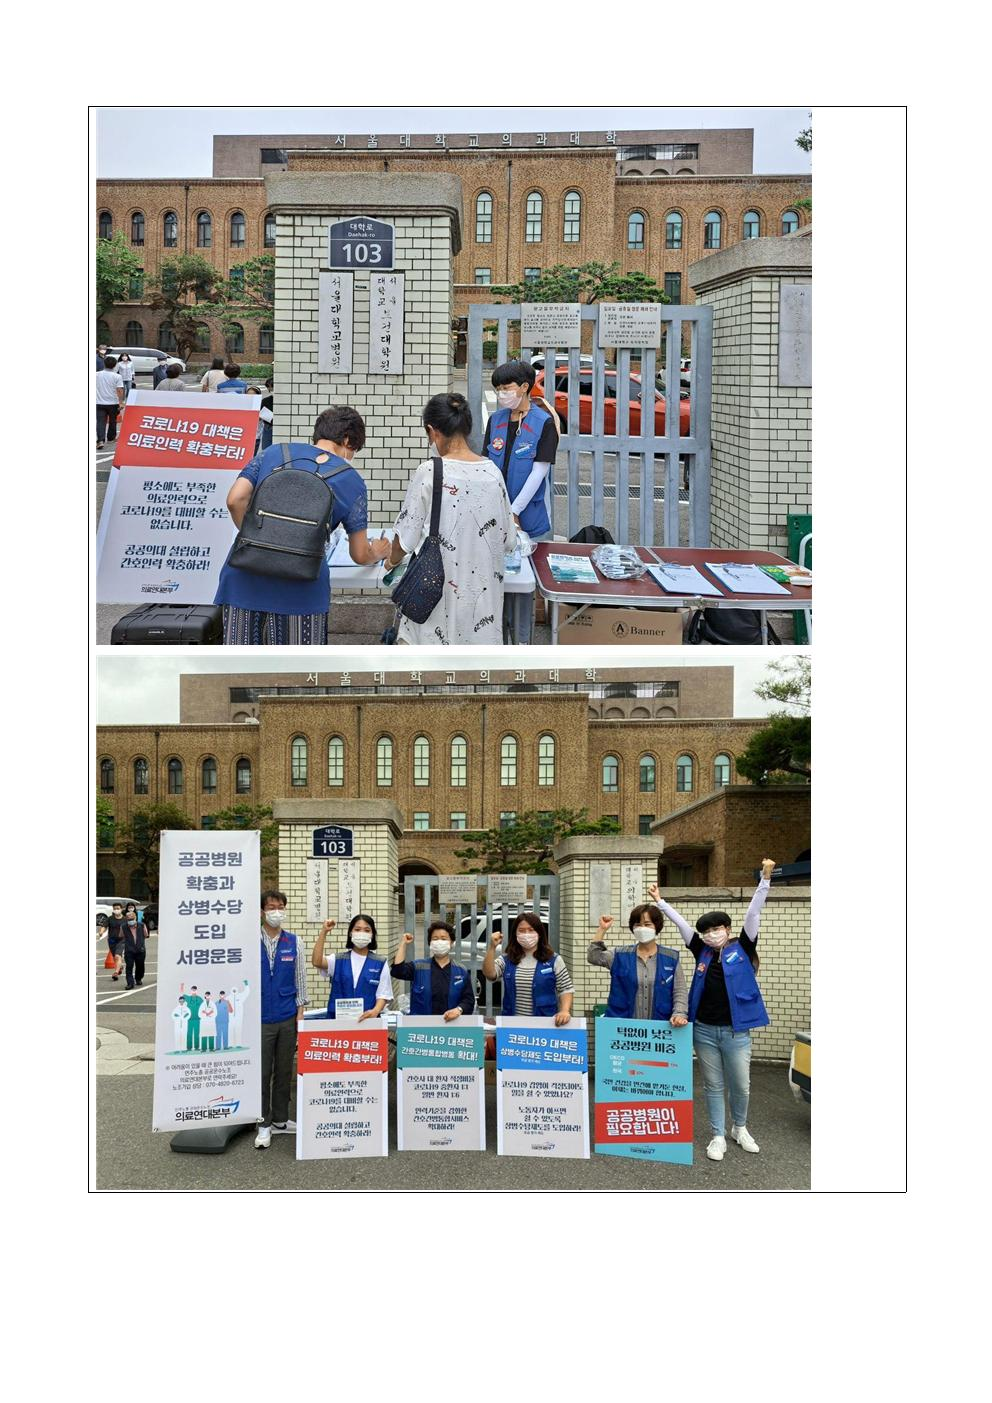 20200707보도자료_서울대병원 앞에서 공공병원과 인력 확충을 위한 서명운동 선전전과 캠페인 시작005.jpg